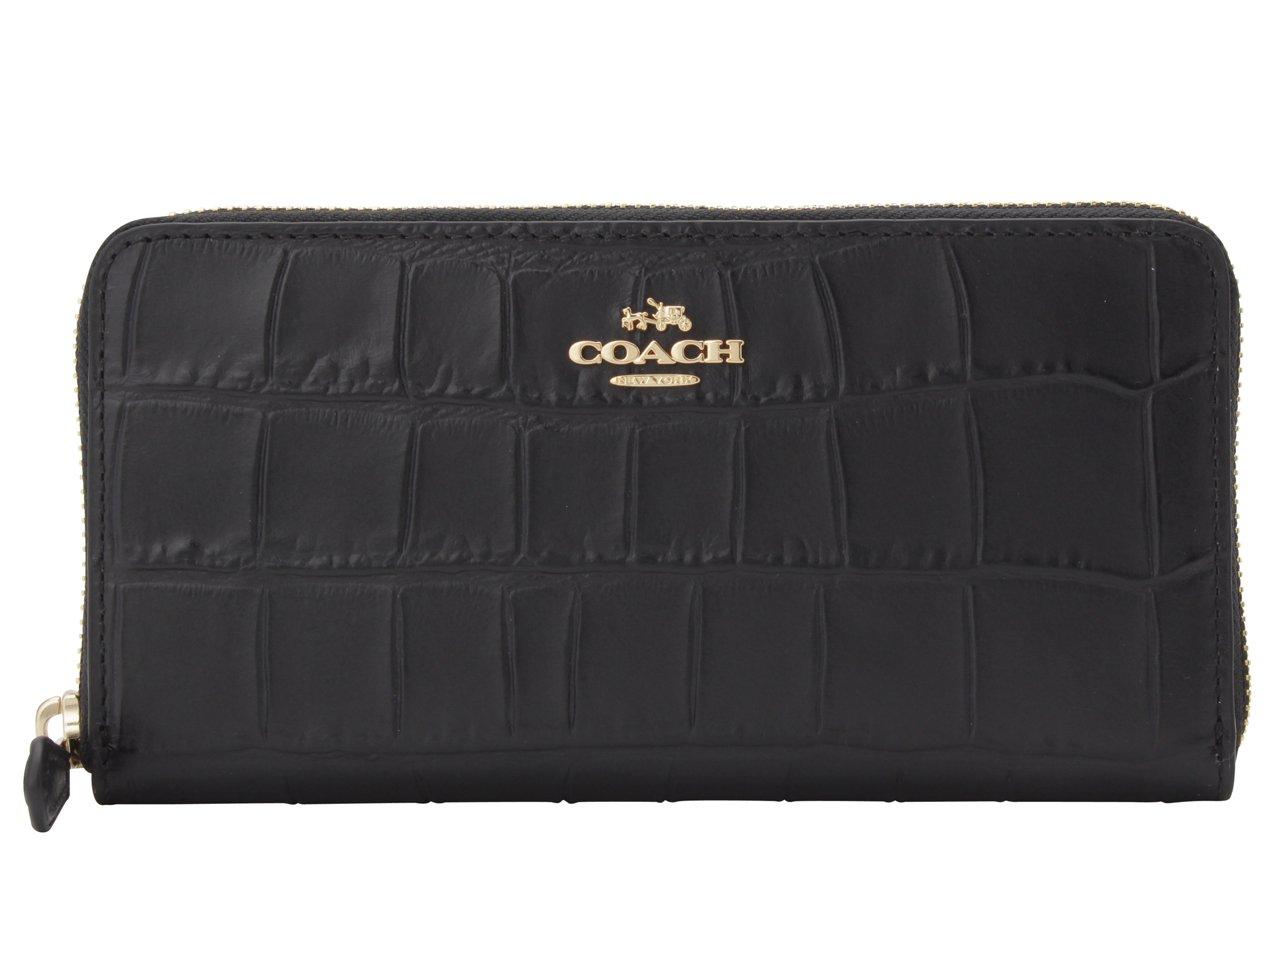 (コーチ) COACH 財布 長財布 ラウンドファスナー F54757 レザー アウトレット [並行輸入品] B078N4RMWN ブラック ブラック